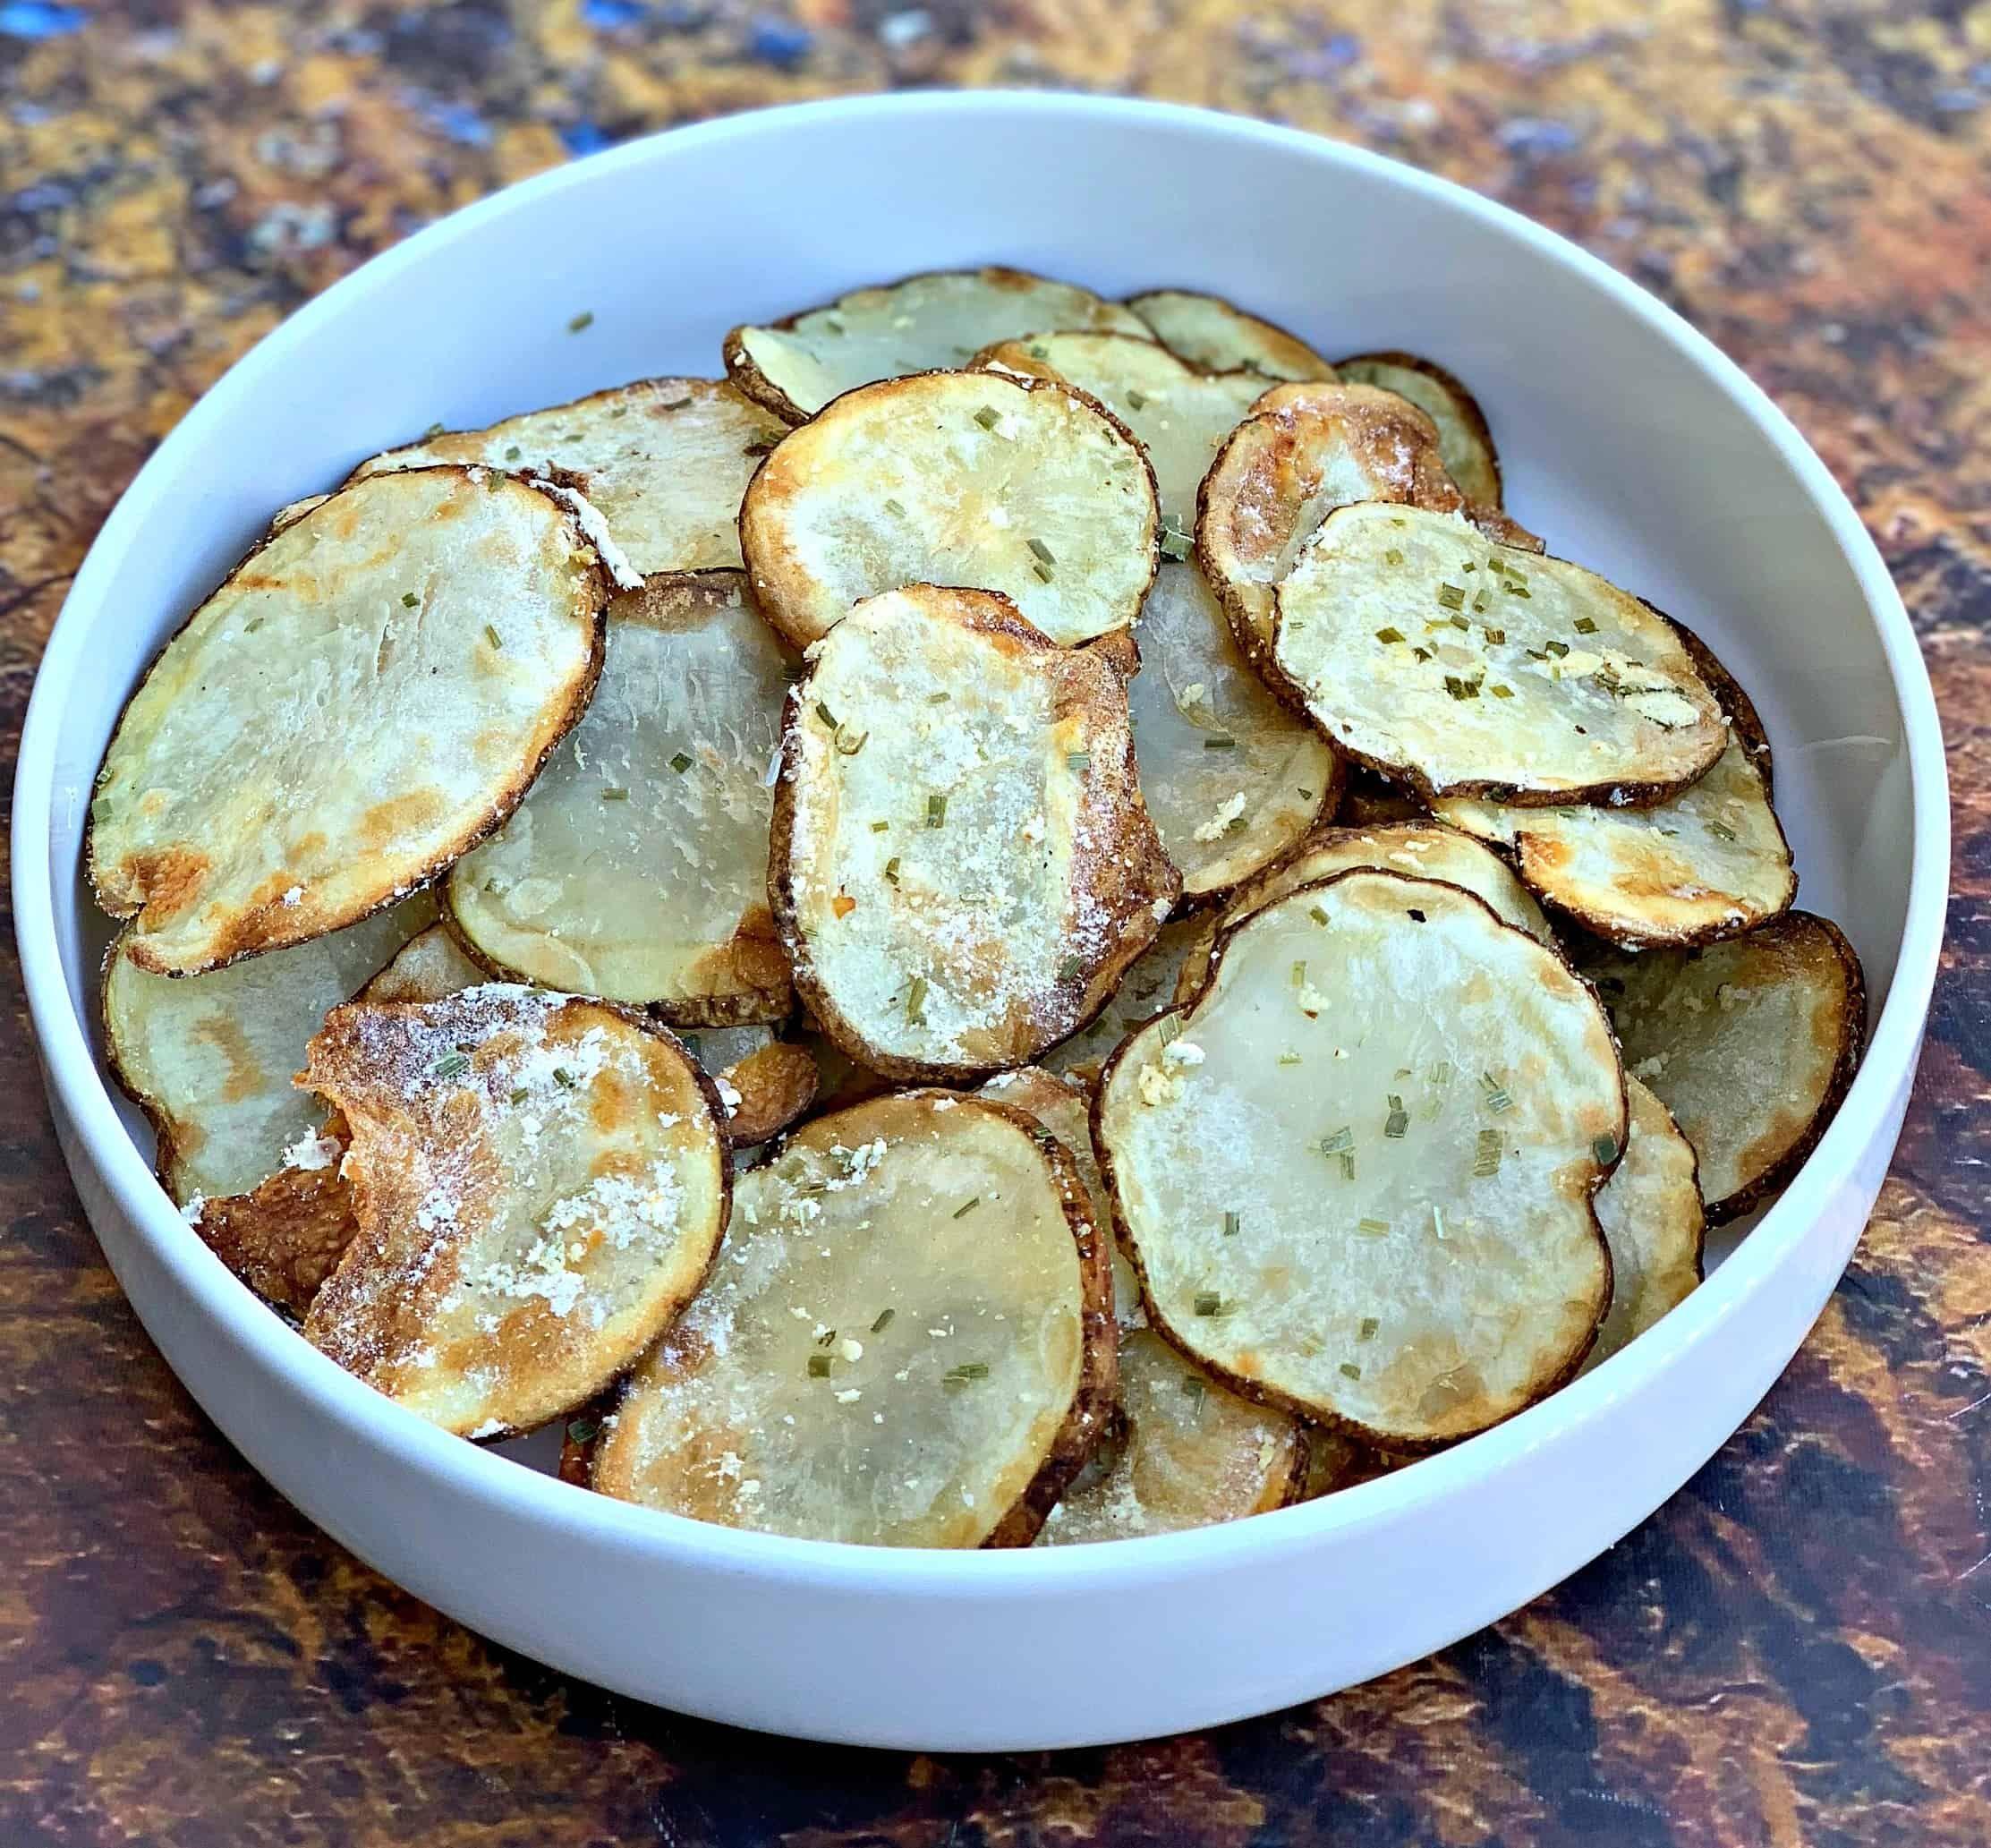 Air fryer crunchy homemade sour cream and onion potato